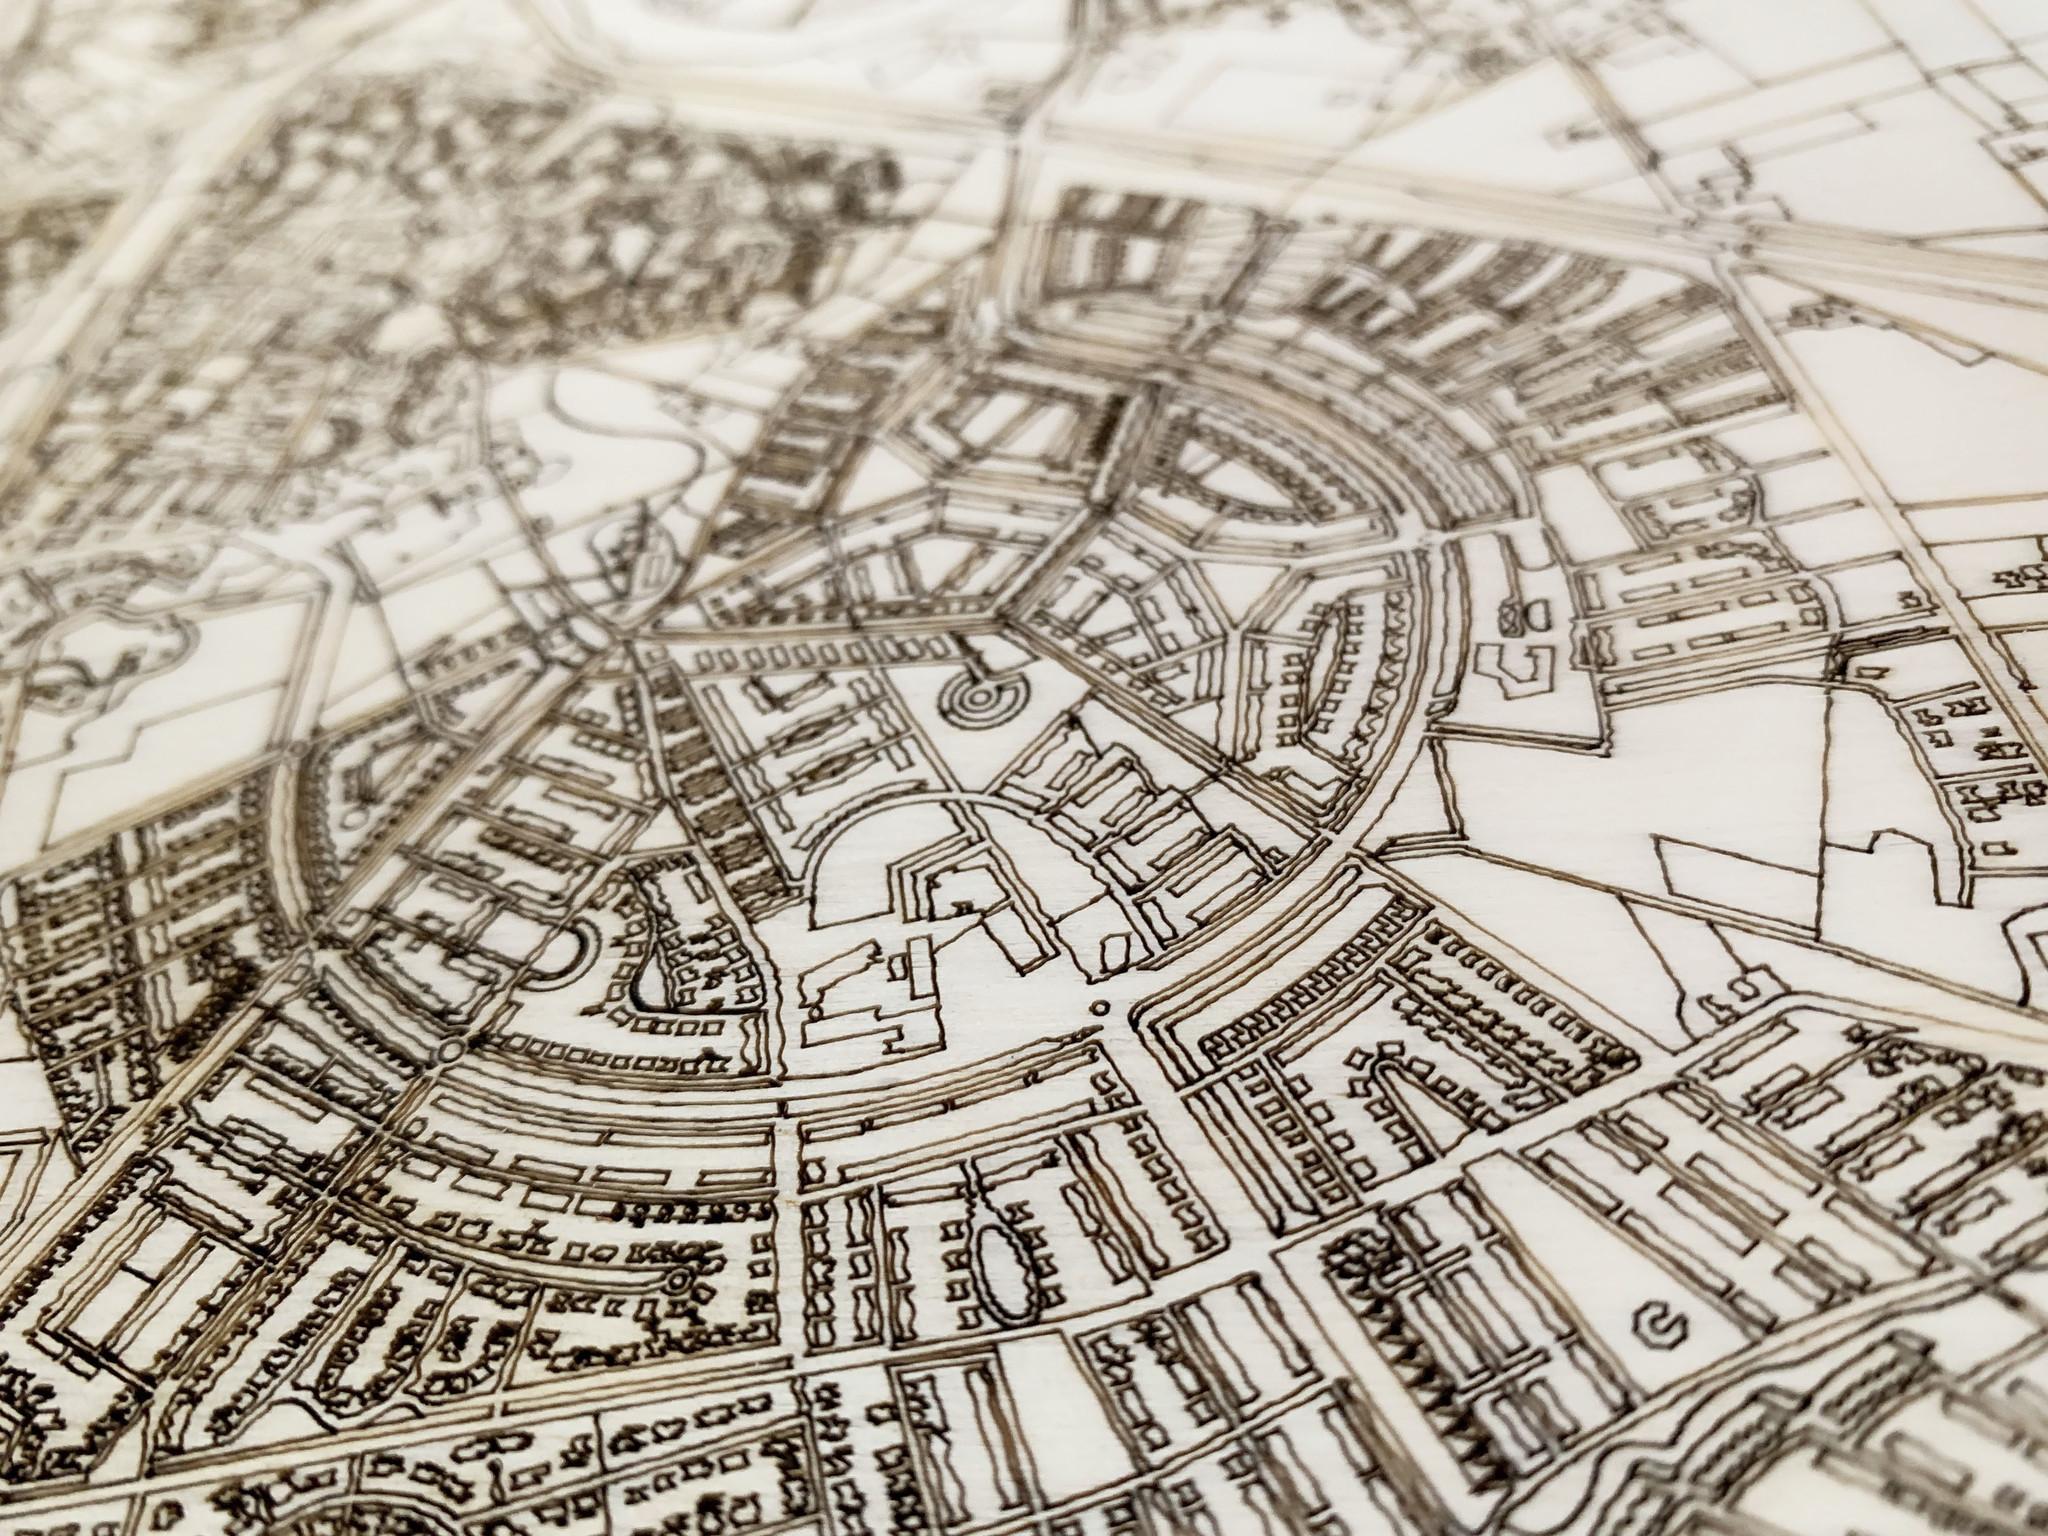 Houten stadsplattegrond Uitwijk-3